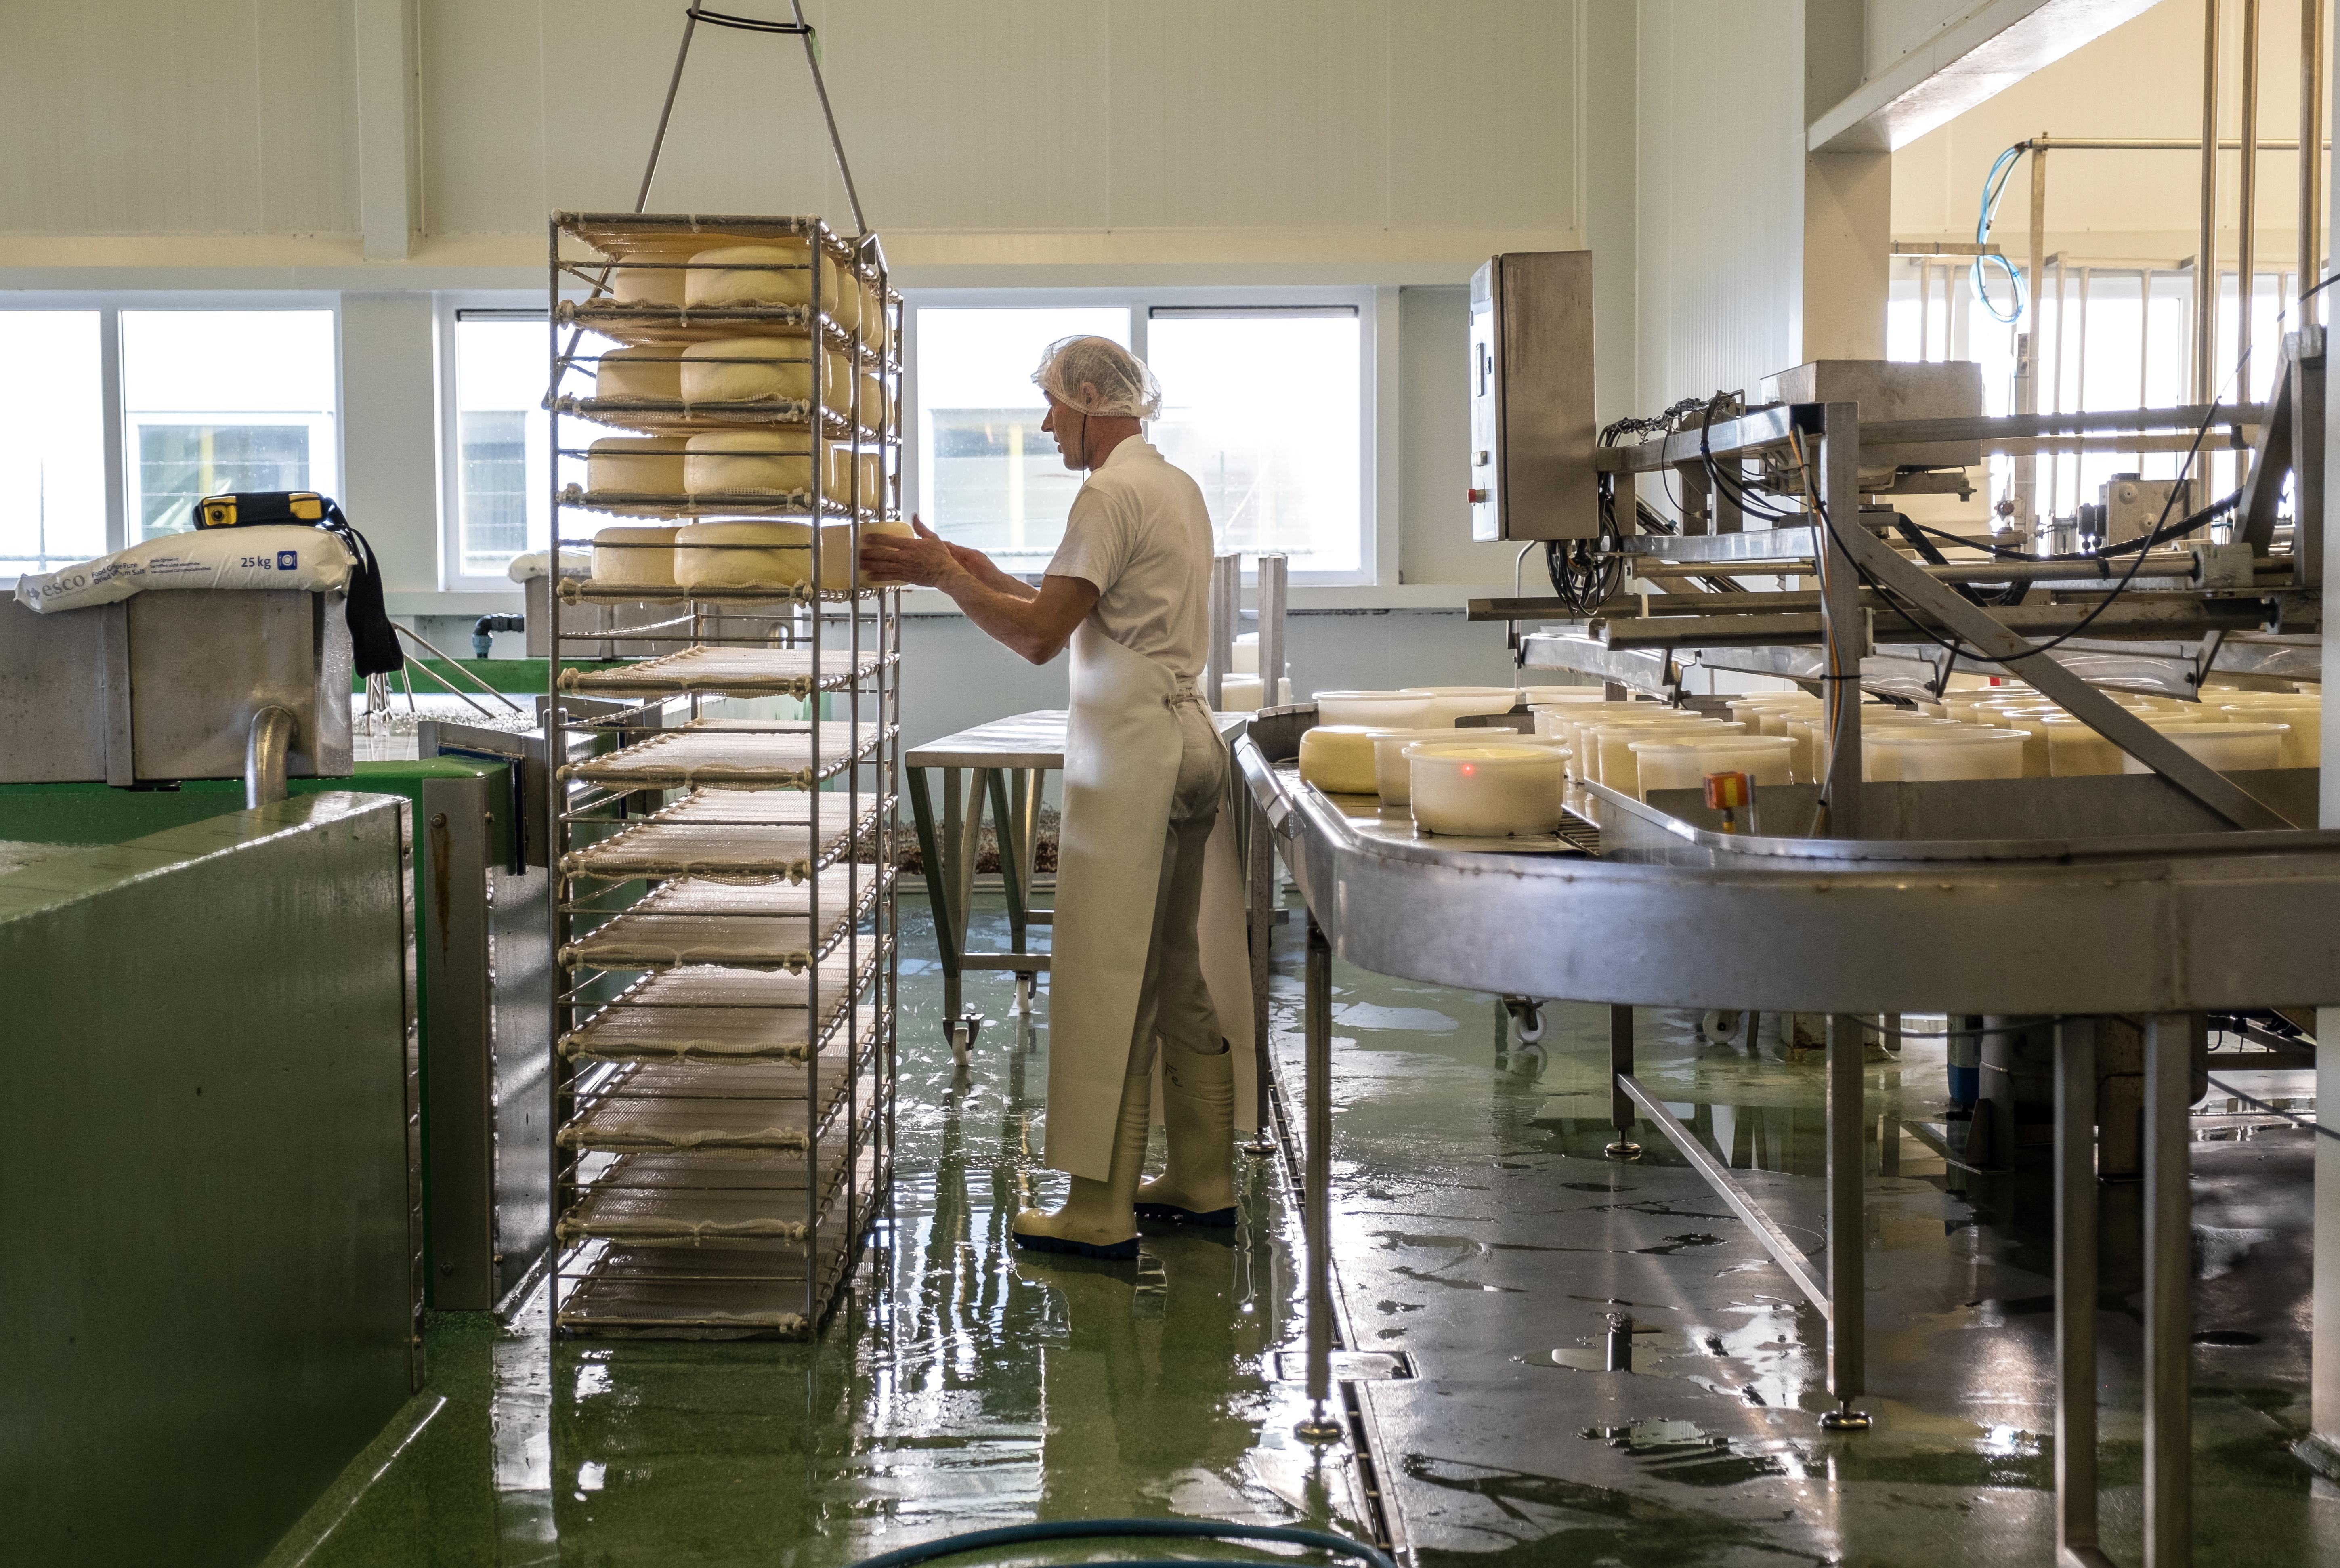 Twee kaasfabrieken slaan de handen ineen. Klaver Kaas en Cono Beemster komen samen met 'Kaas van Noord-Holland'